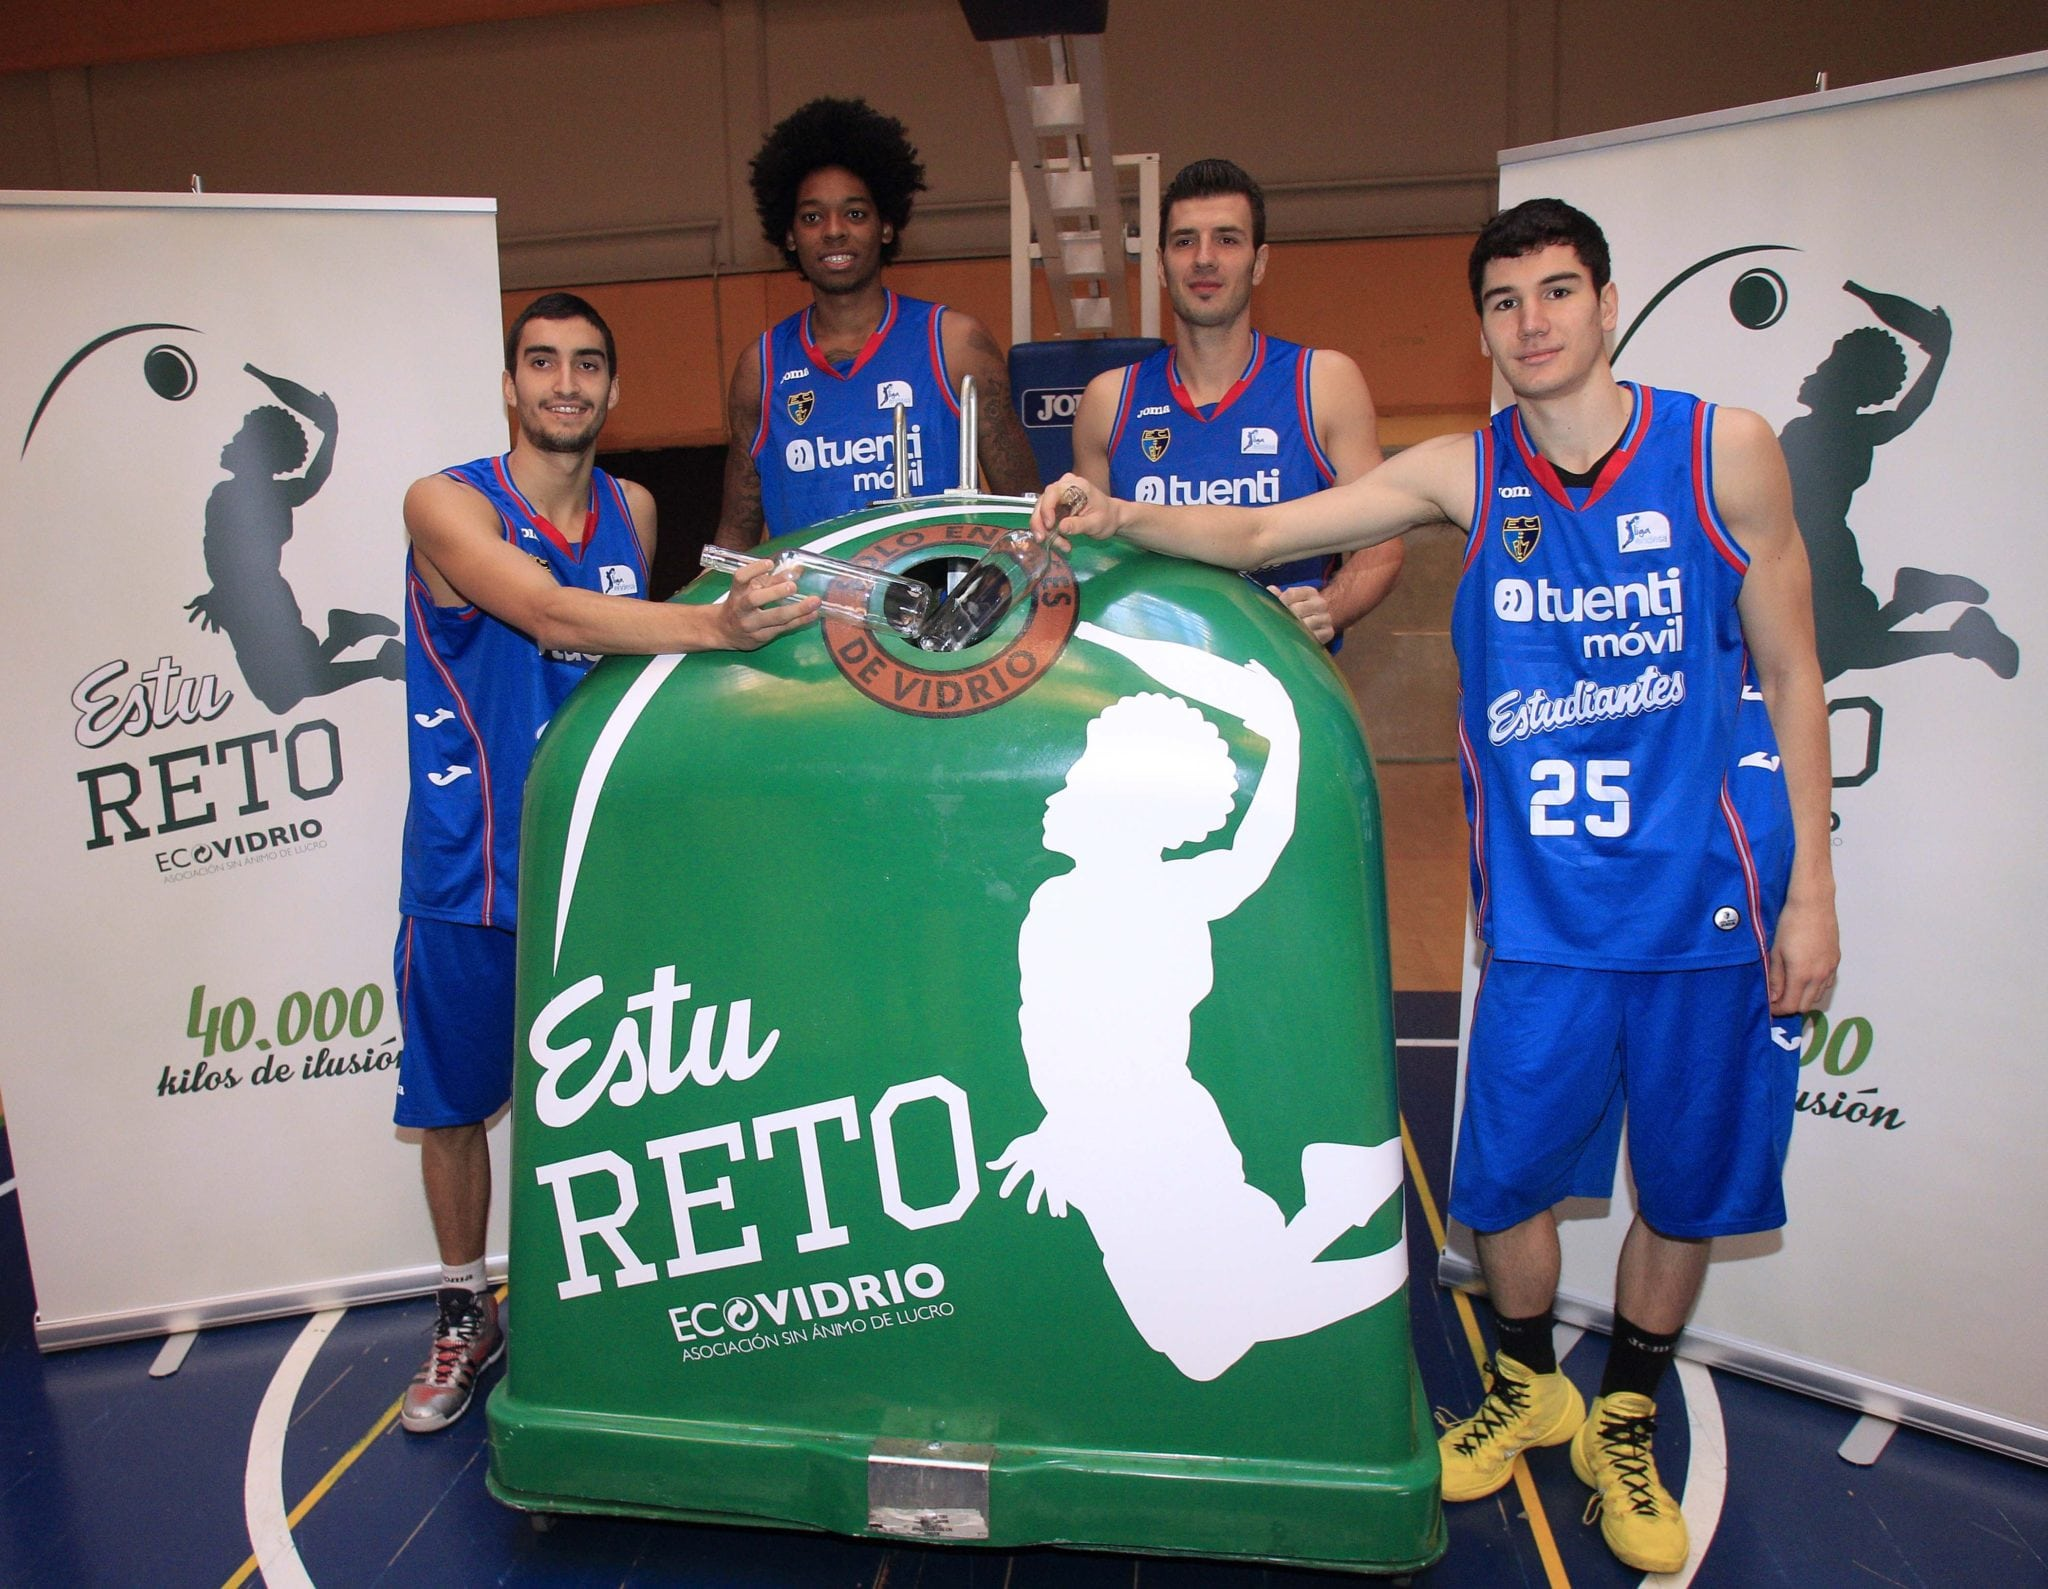 EstuReto con Ecovidrio: si reciclamos 40.000 kgs de vidrio, patrocinarán nuestra cantera